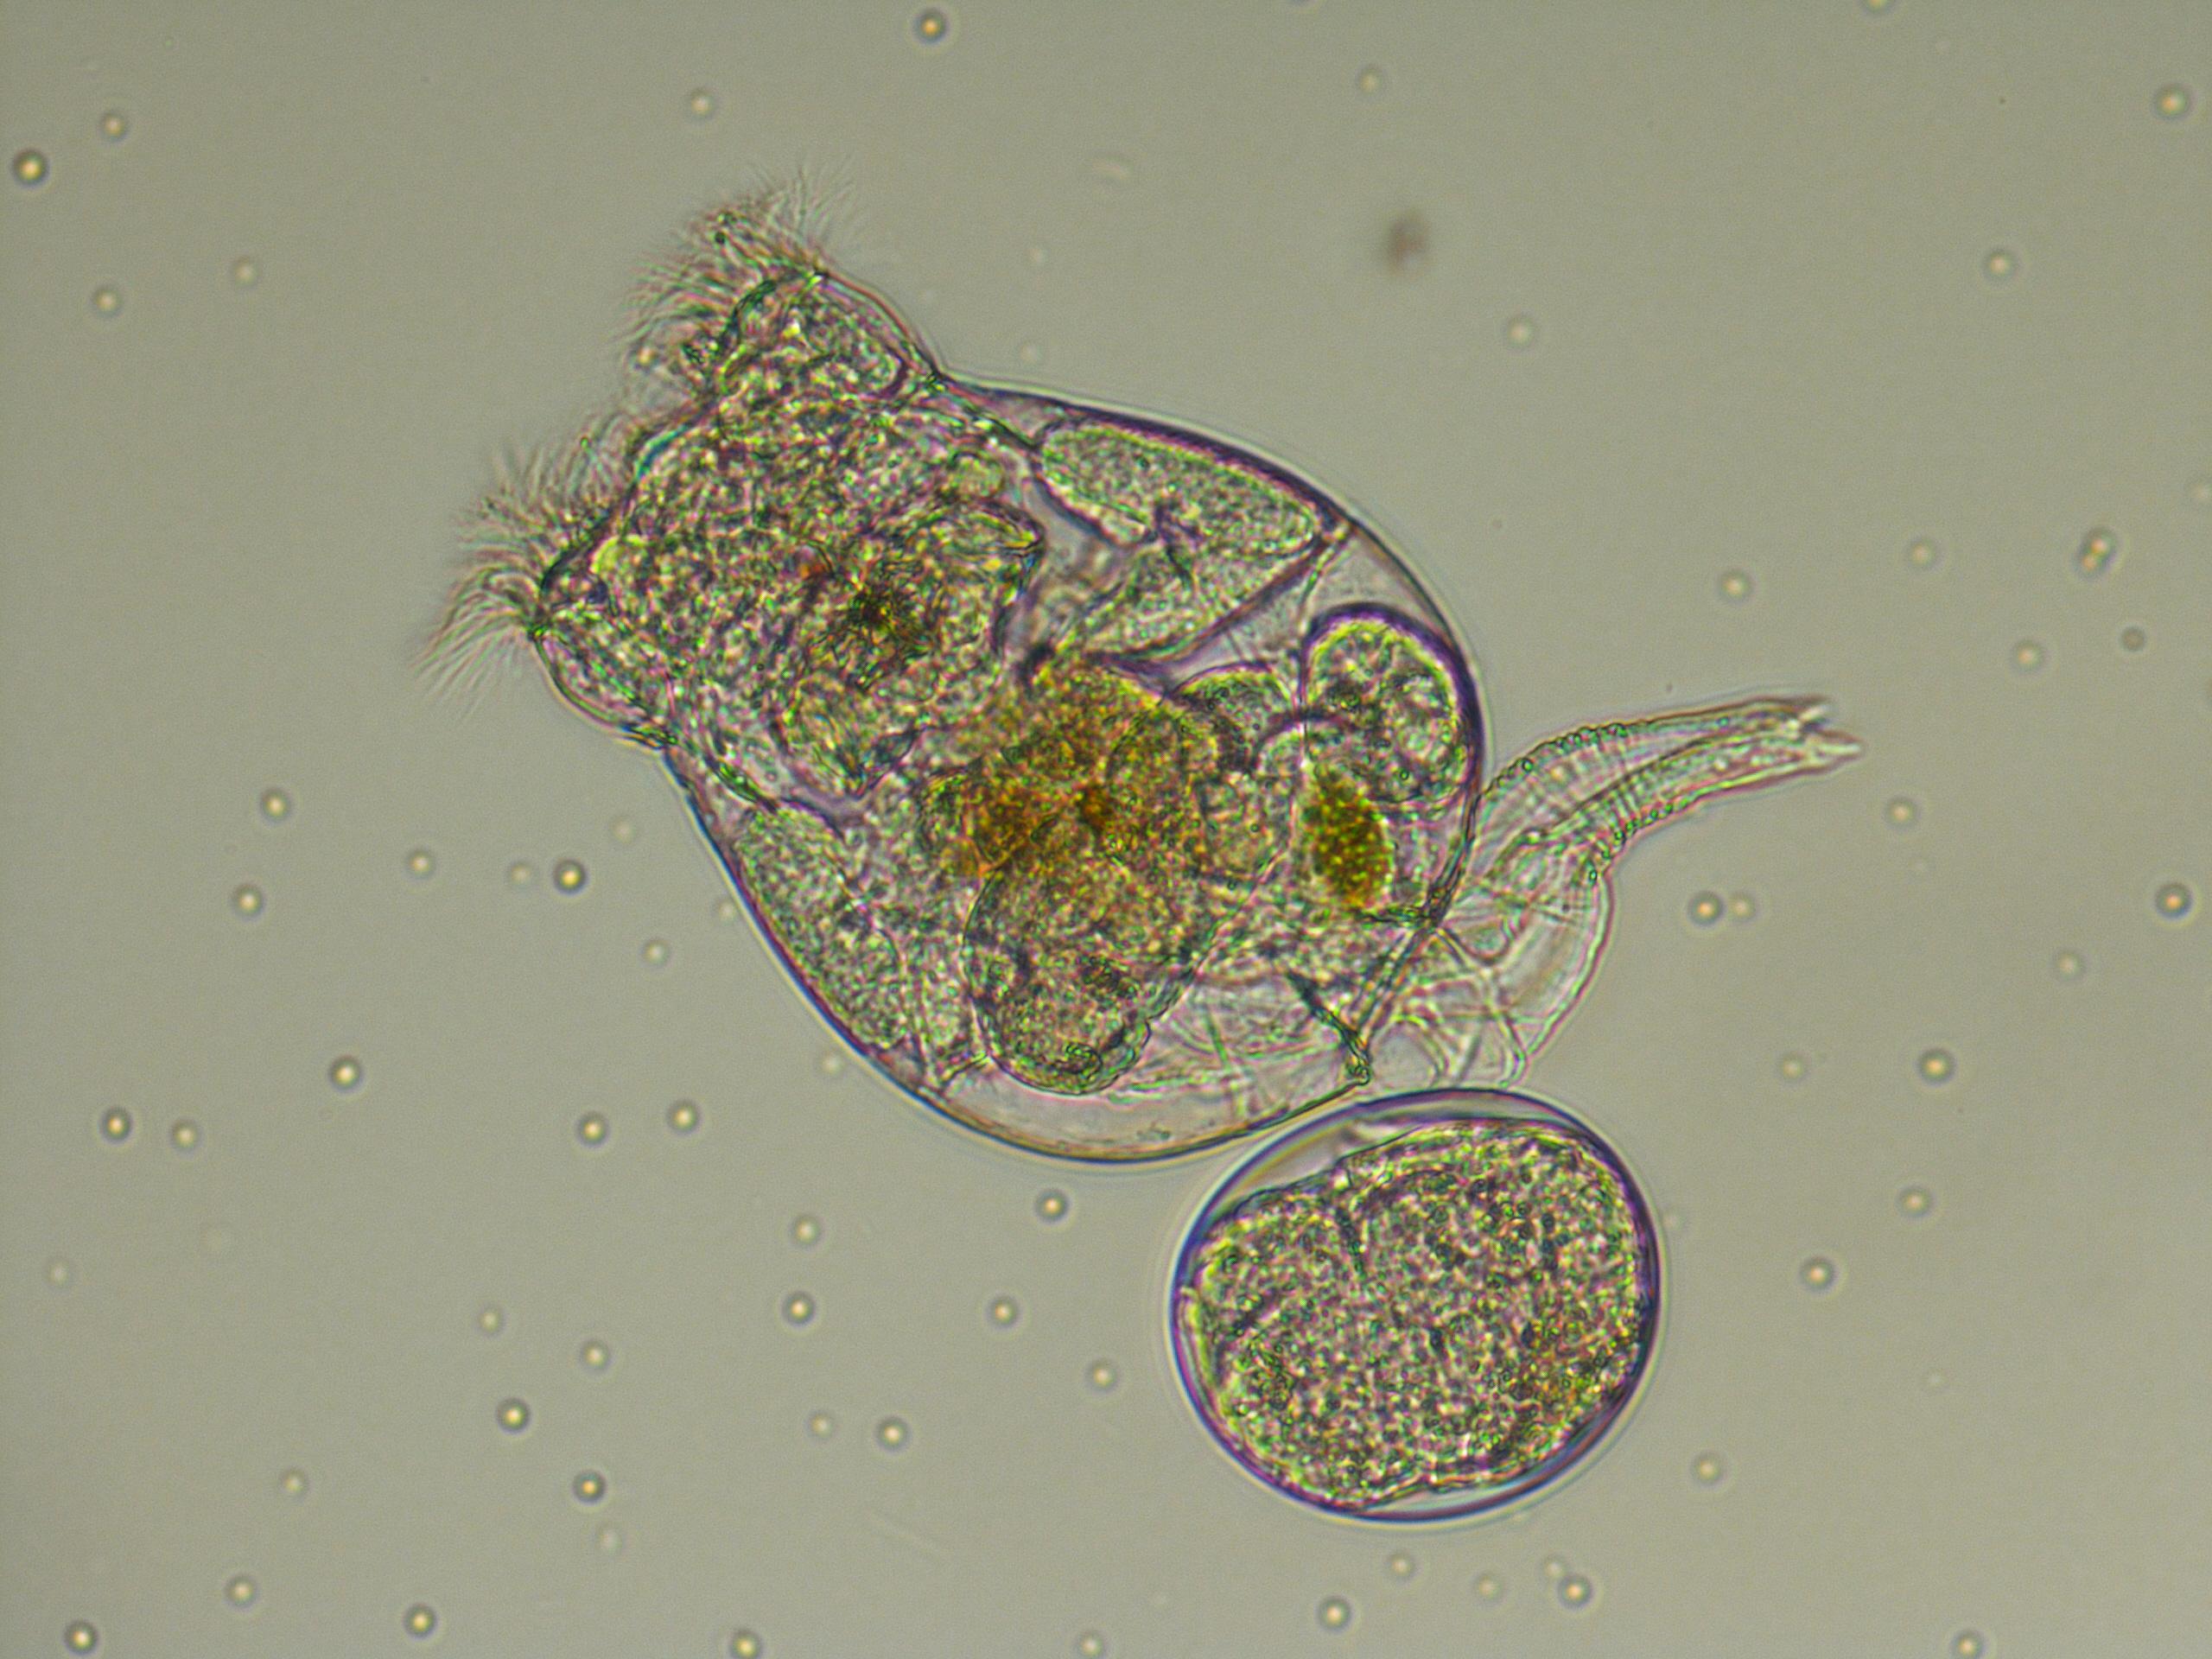 rotifero al microscopio con ingrandimento di circa 200 volte